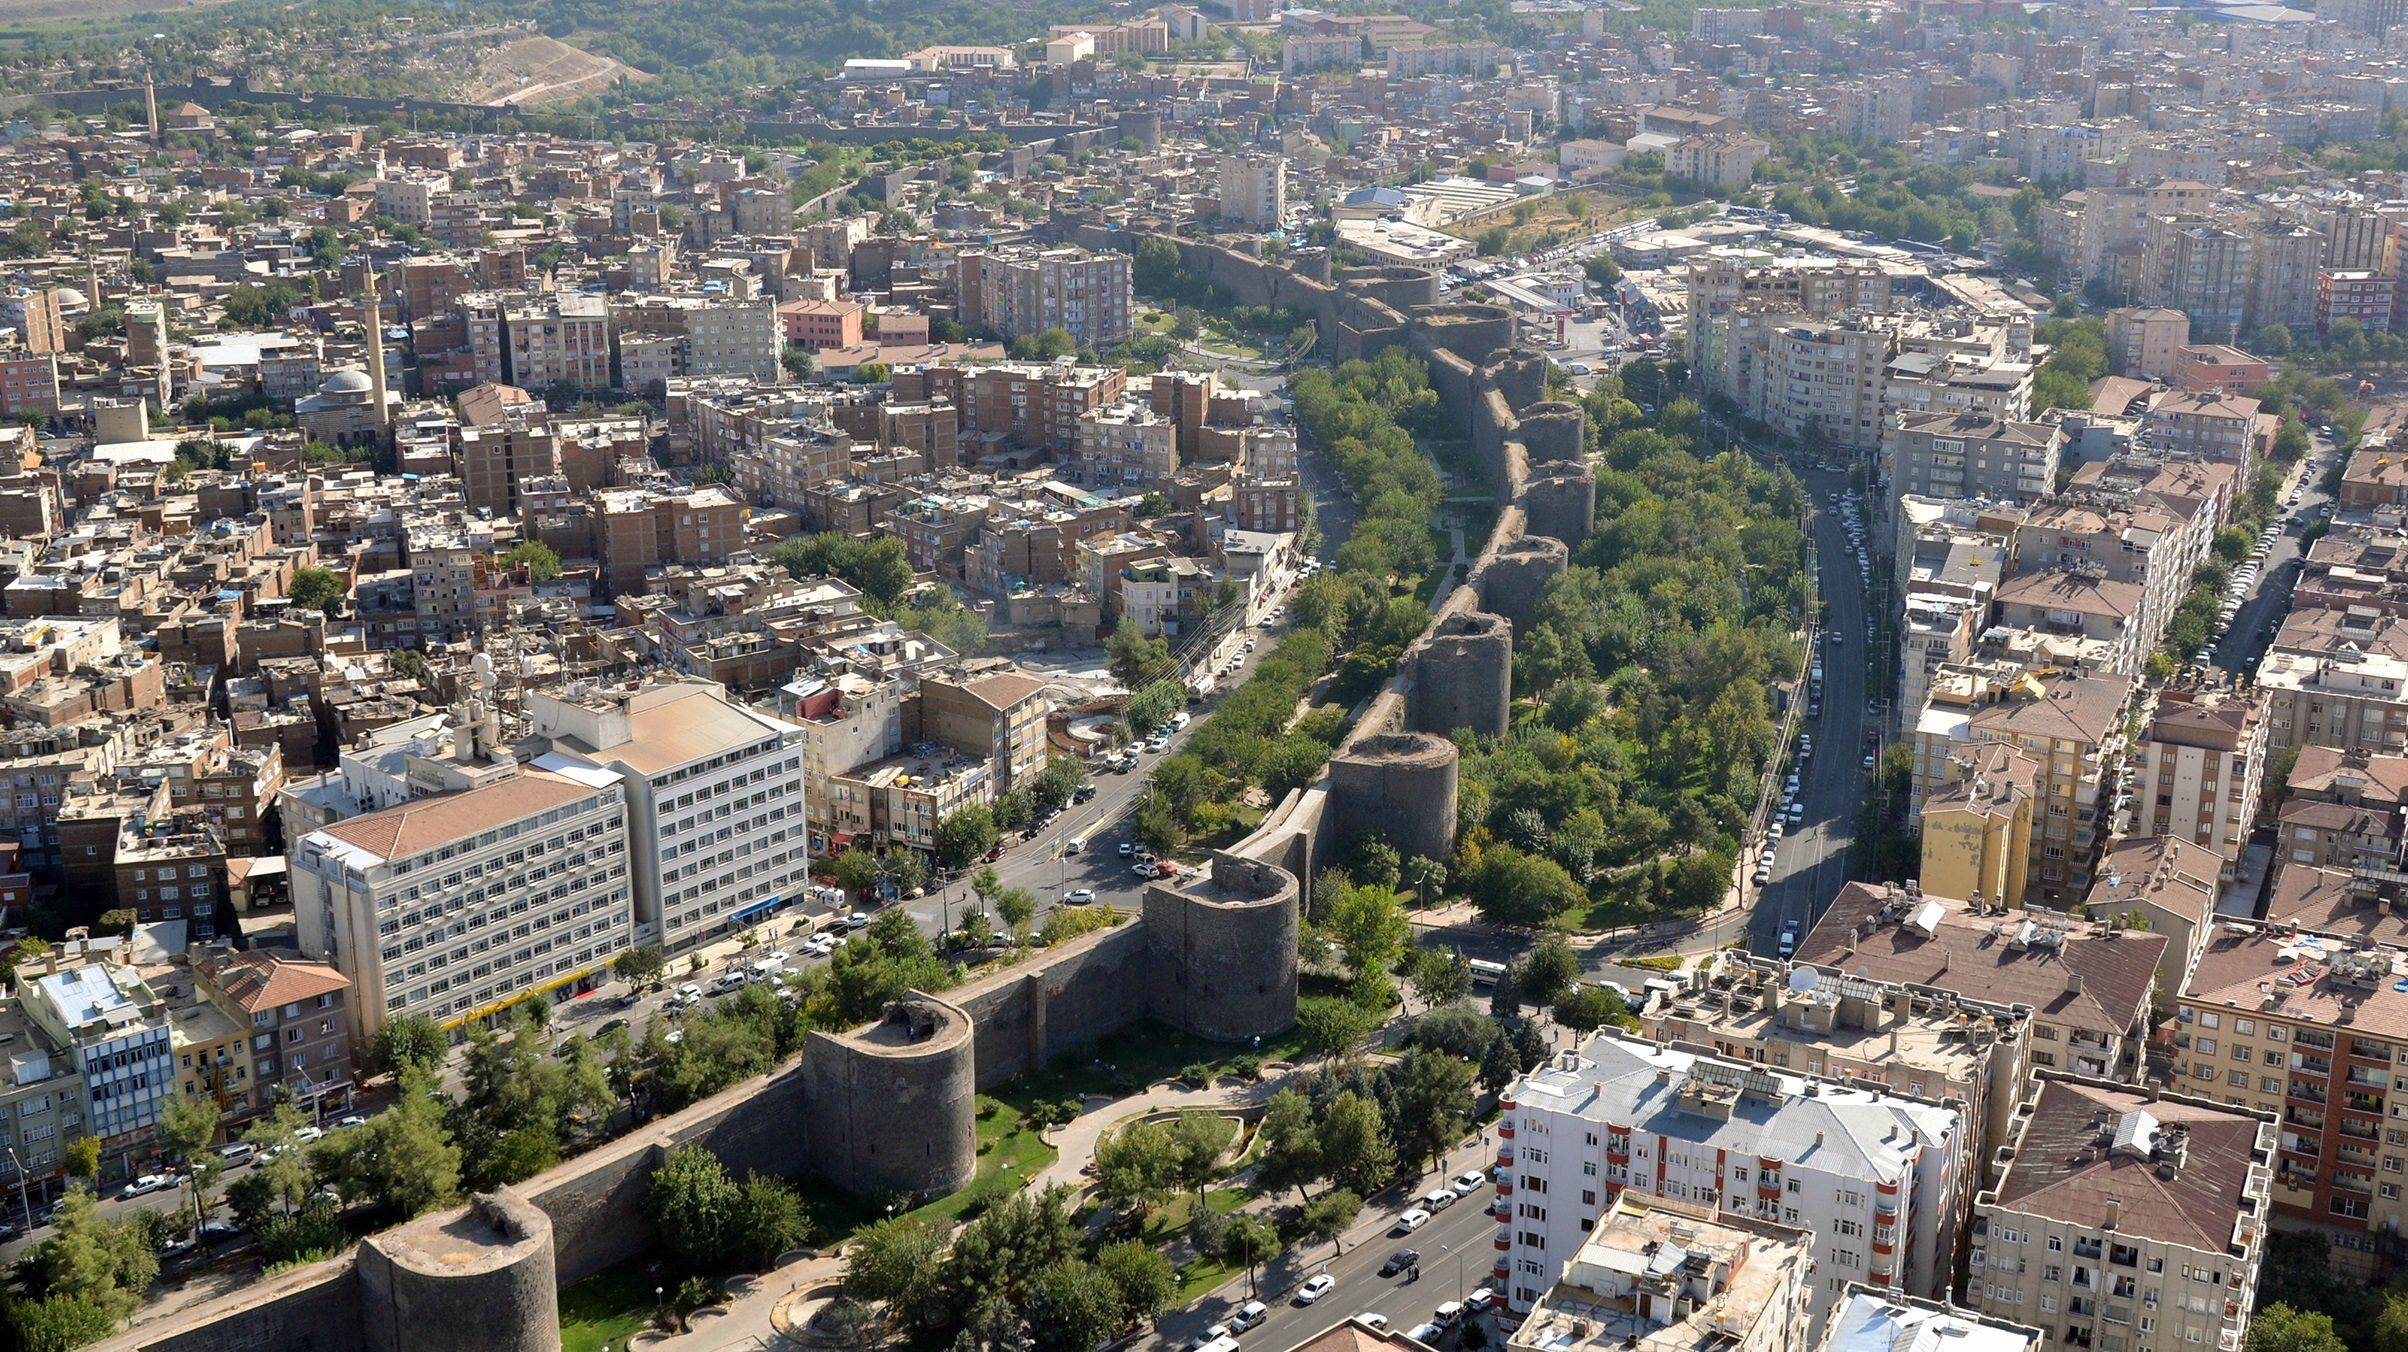 دياربكر التركية.. مدينة التاريخ والثقافات تنتظر زوارها في عيد الأضحى